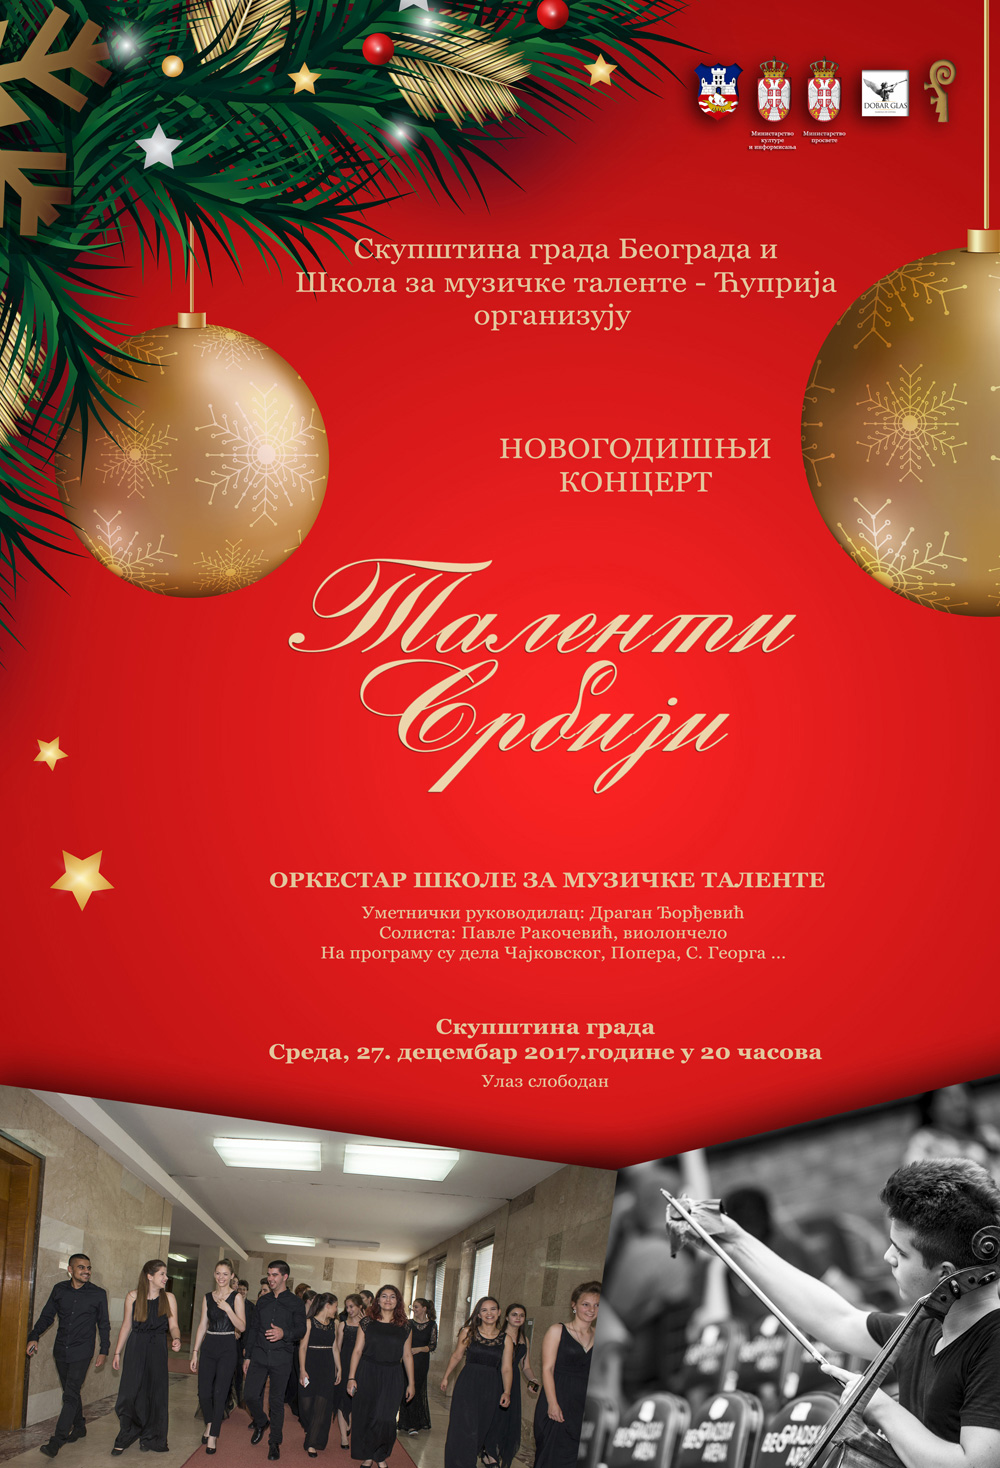 plakat-talenti-srbiji-sajt